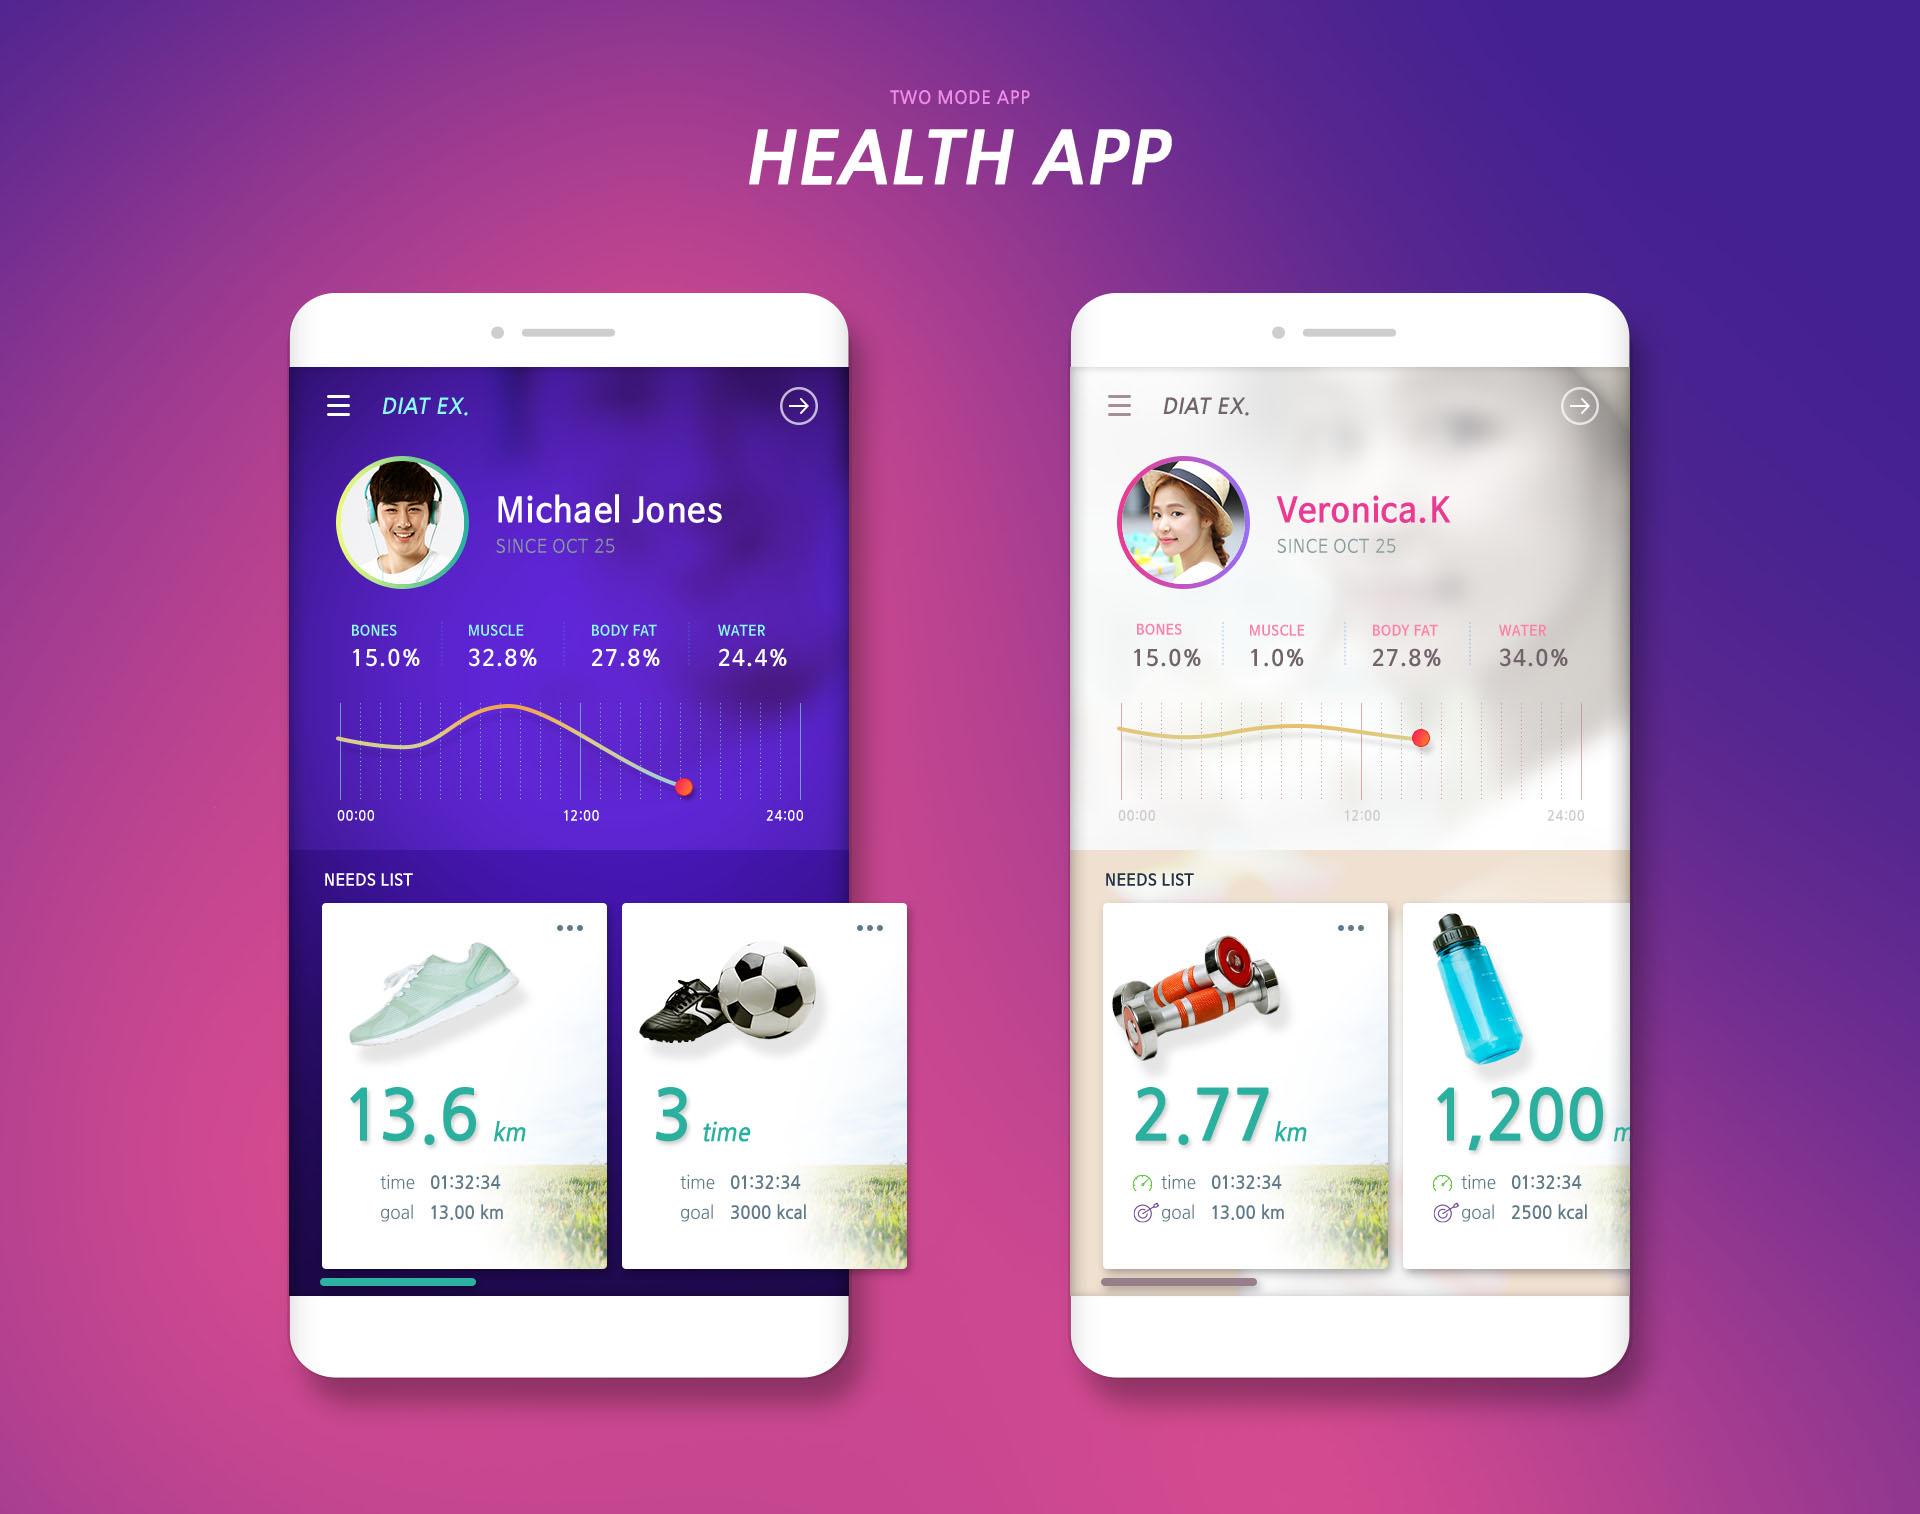 健康应用APP health app